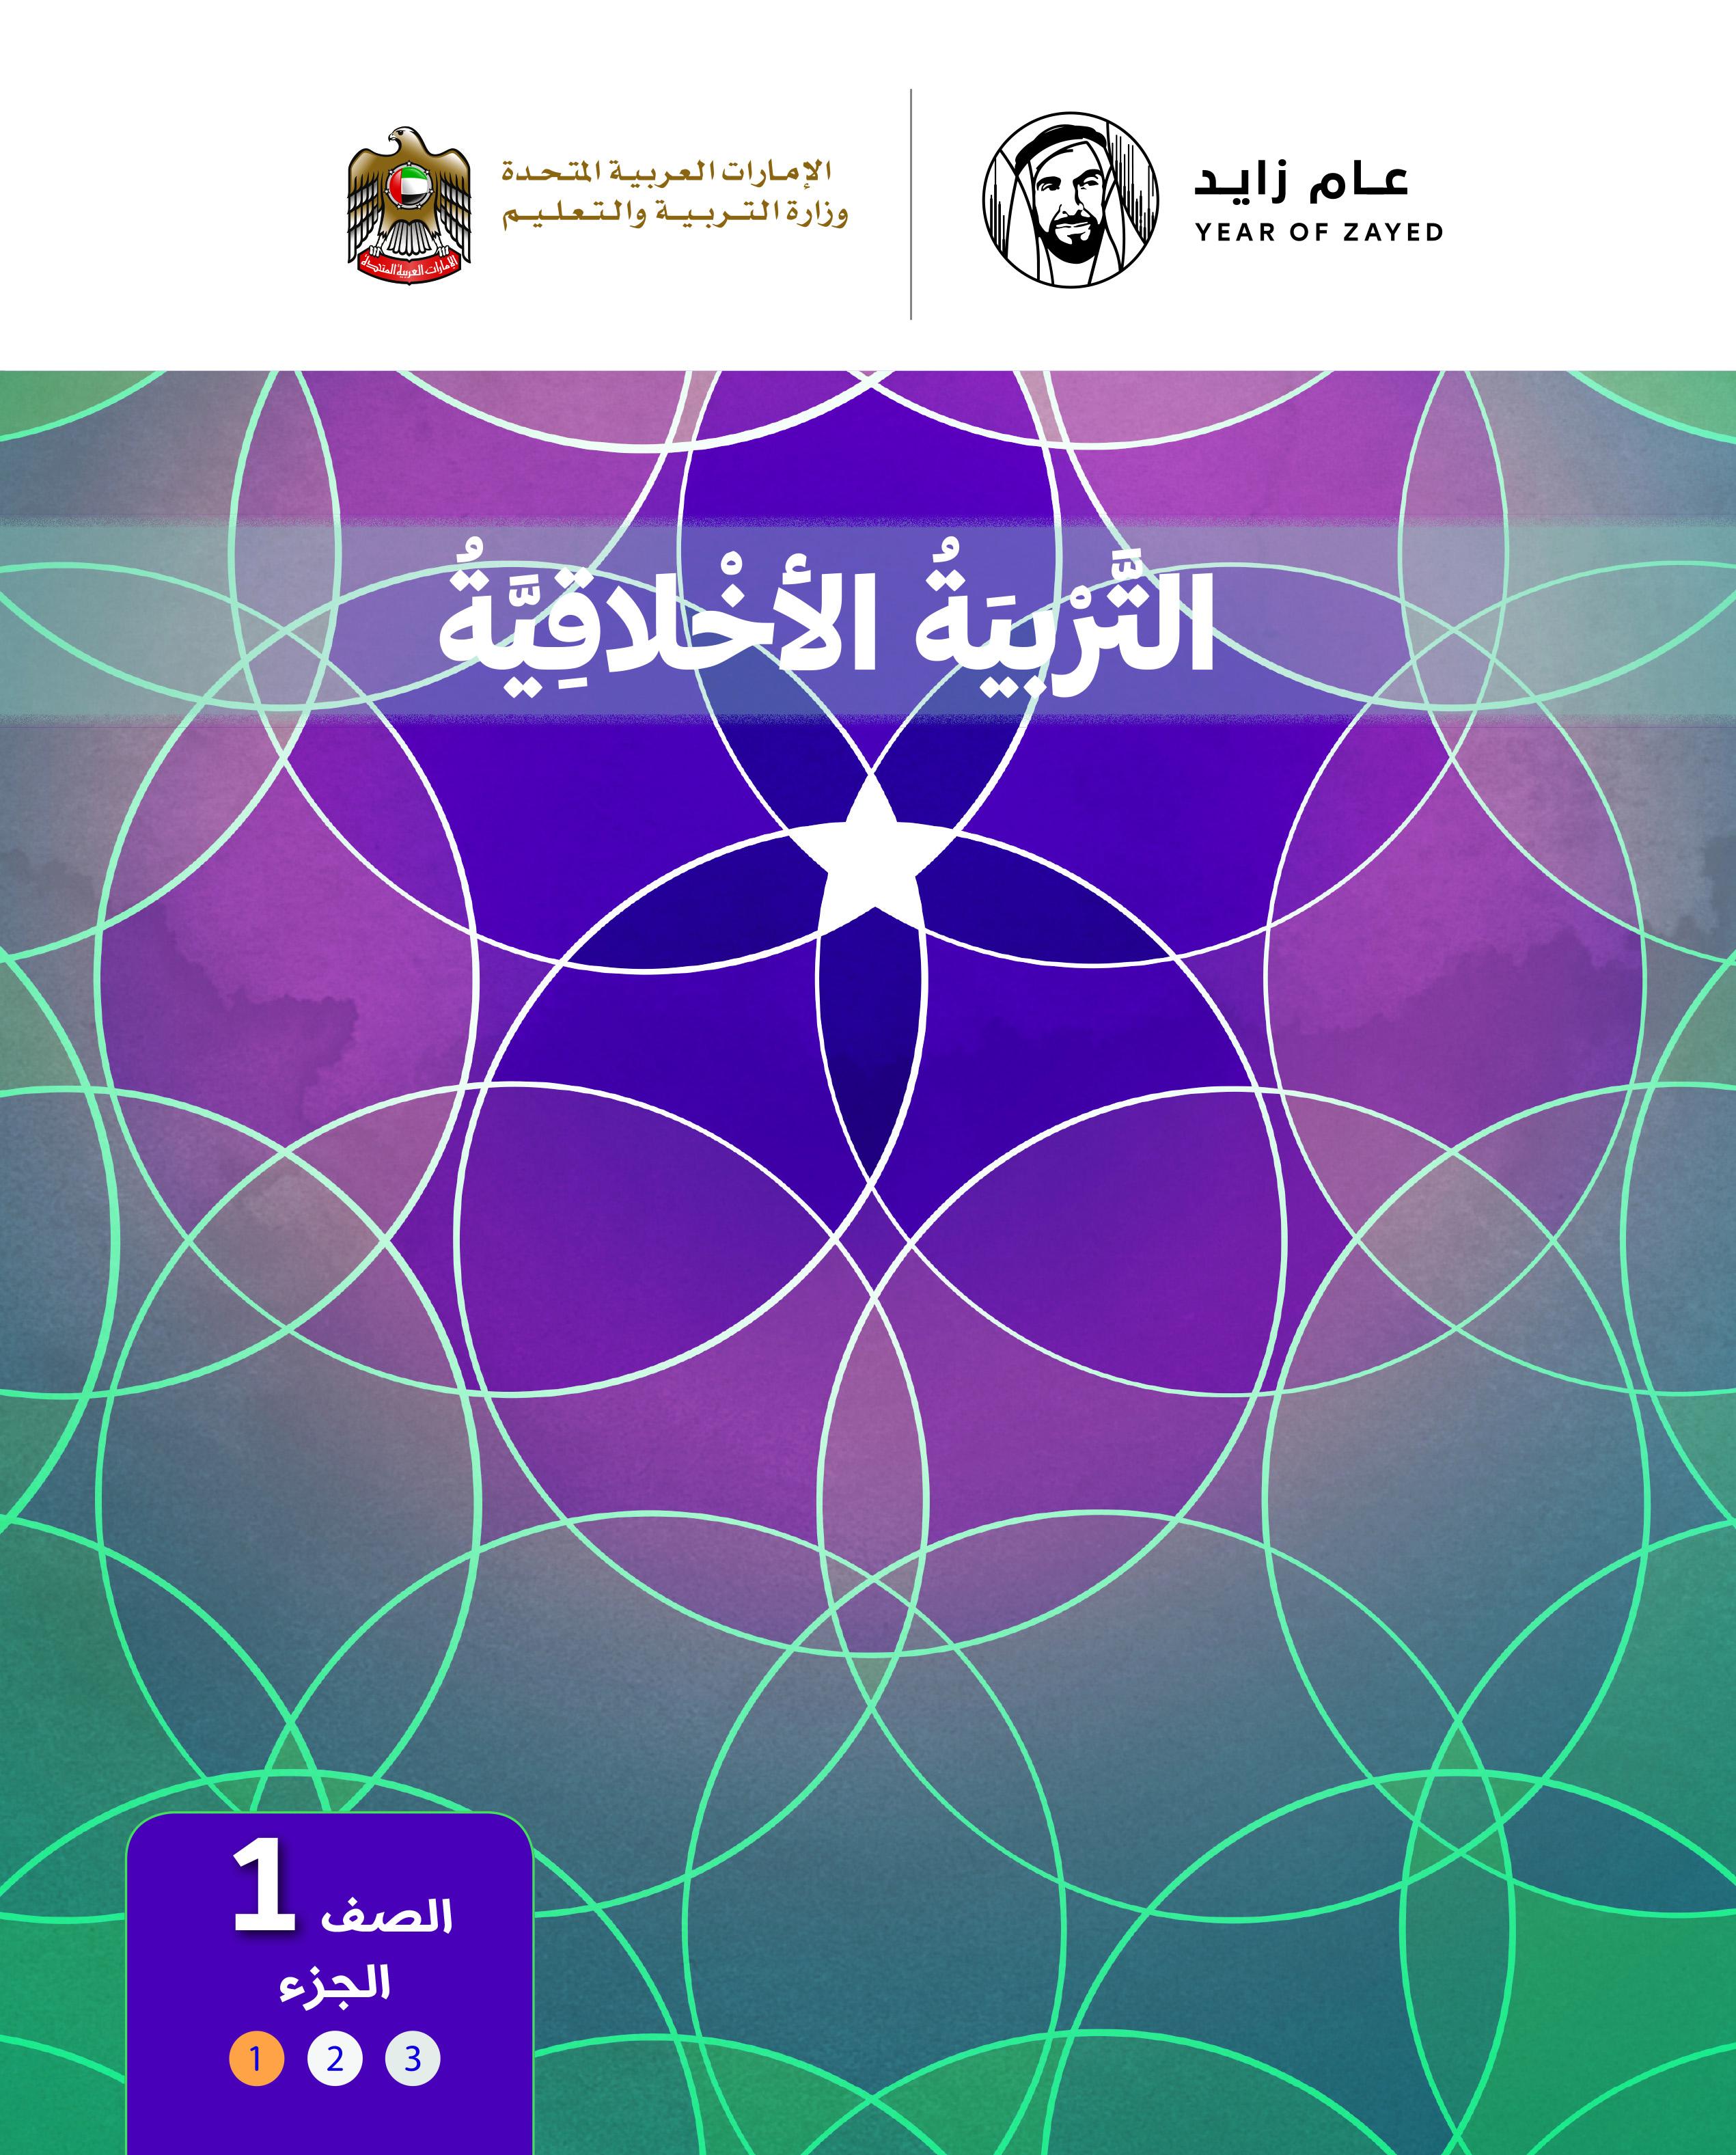 التربية الأخلاقية - كتاب الطالب - الصف الأول - الجزء الأول